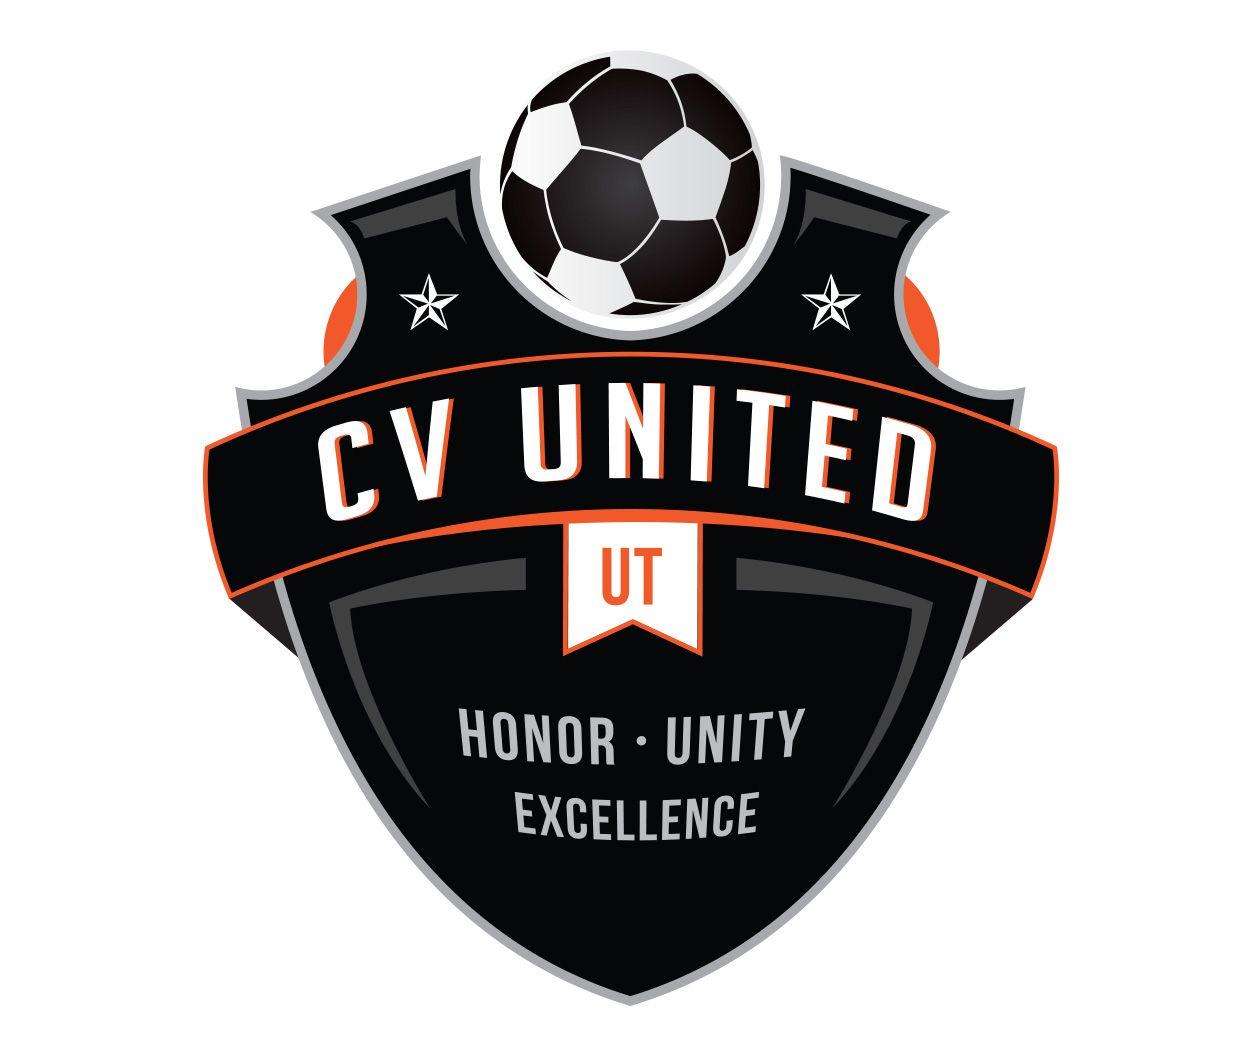 Custom Soccer Logo Design For Cv United Soccer By Jordan Fretz Design Basketball Logo Design Football Logo Design Soccer Logo